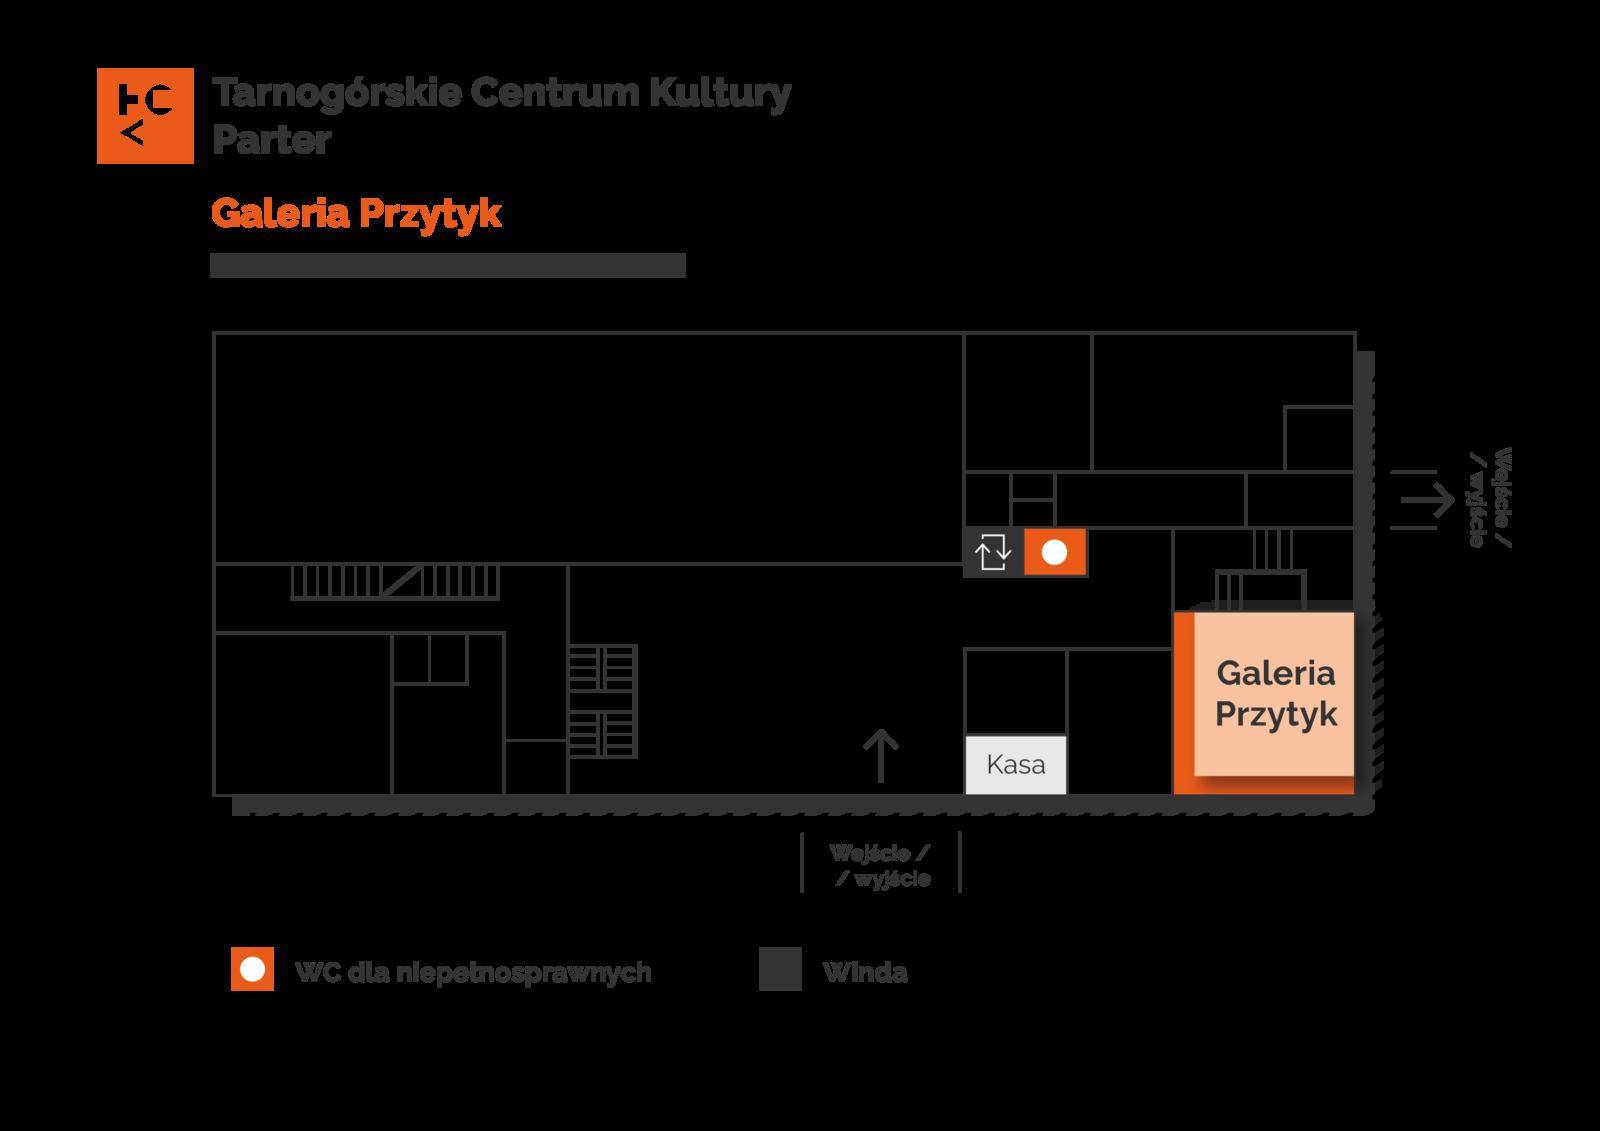 Grafika przedstawia plan parteru budynku TCK z zaznaczeniem Galerii Przytyk